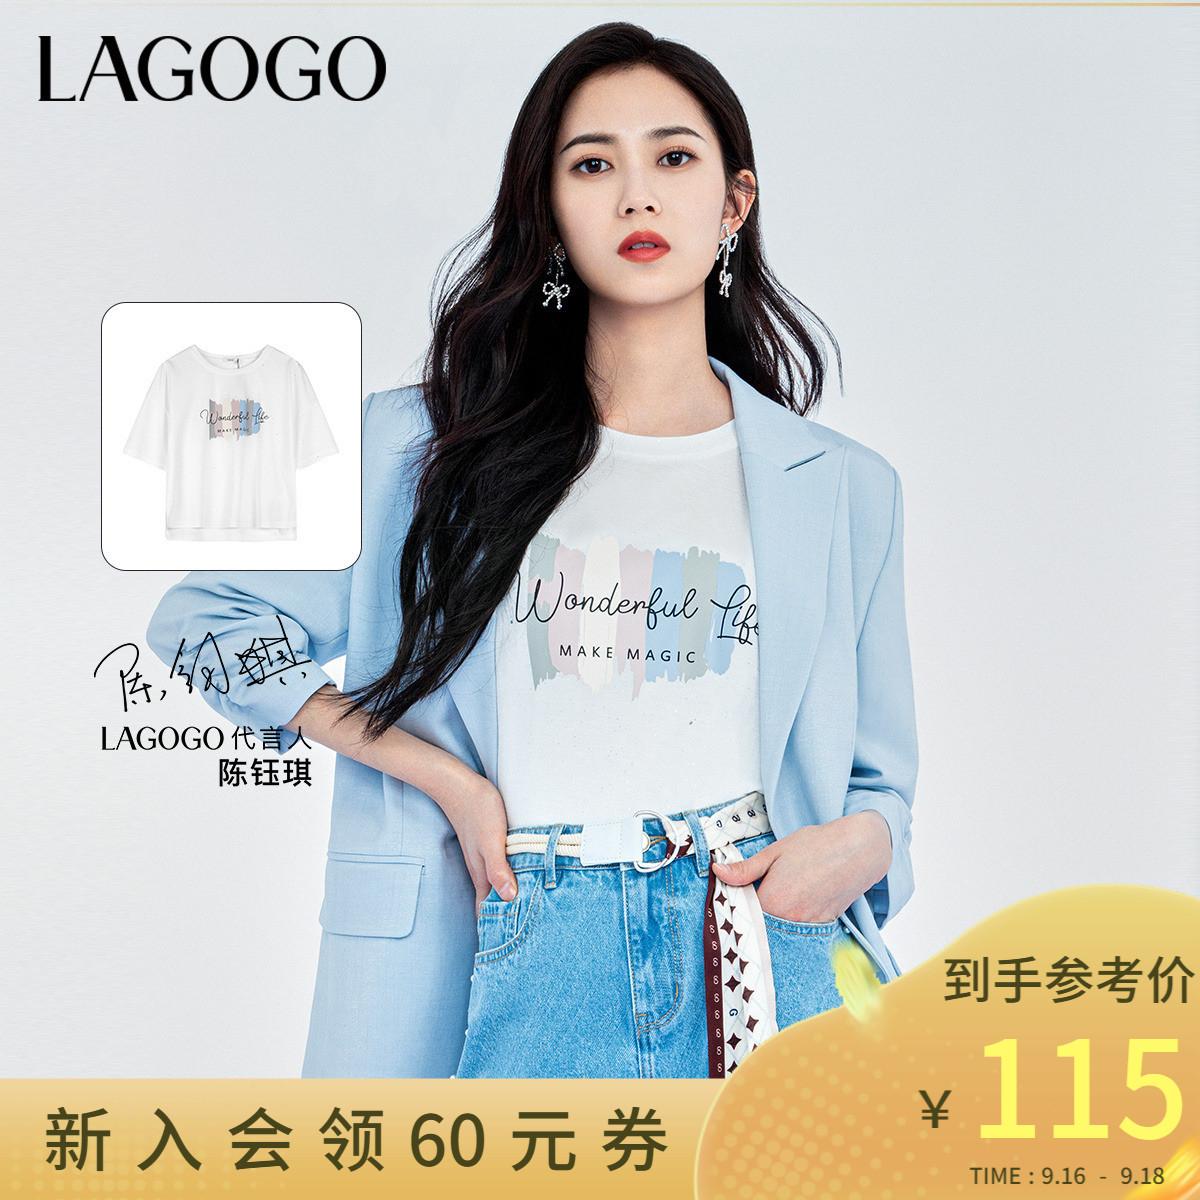 【陈钰琪同款】Lagogo拉谷谷2021年夏季新款学院风圆领甜美T恤女